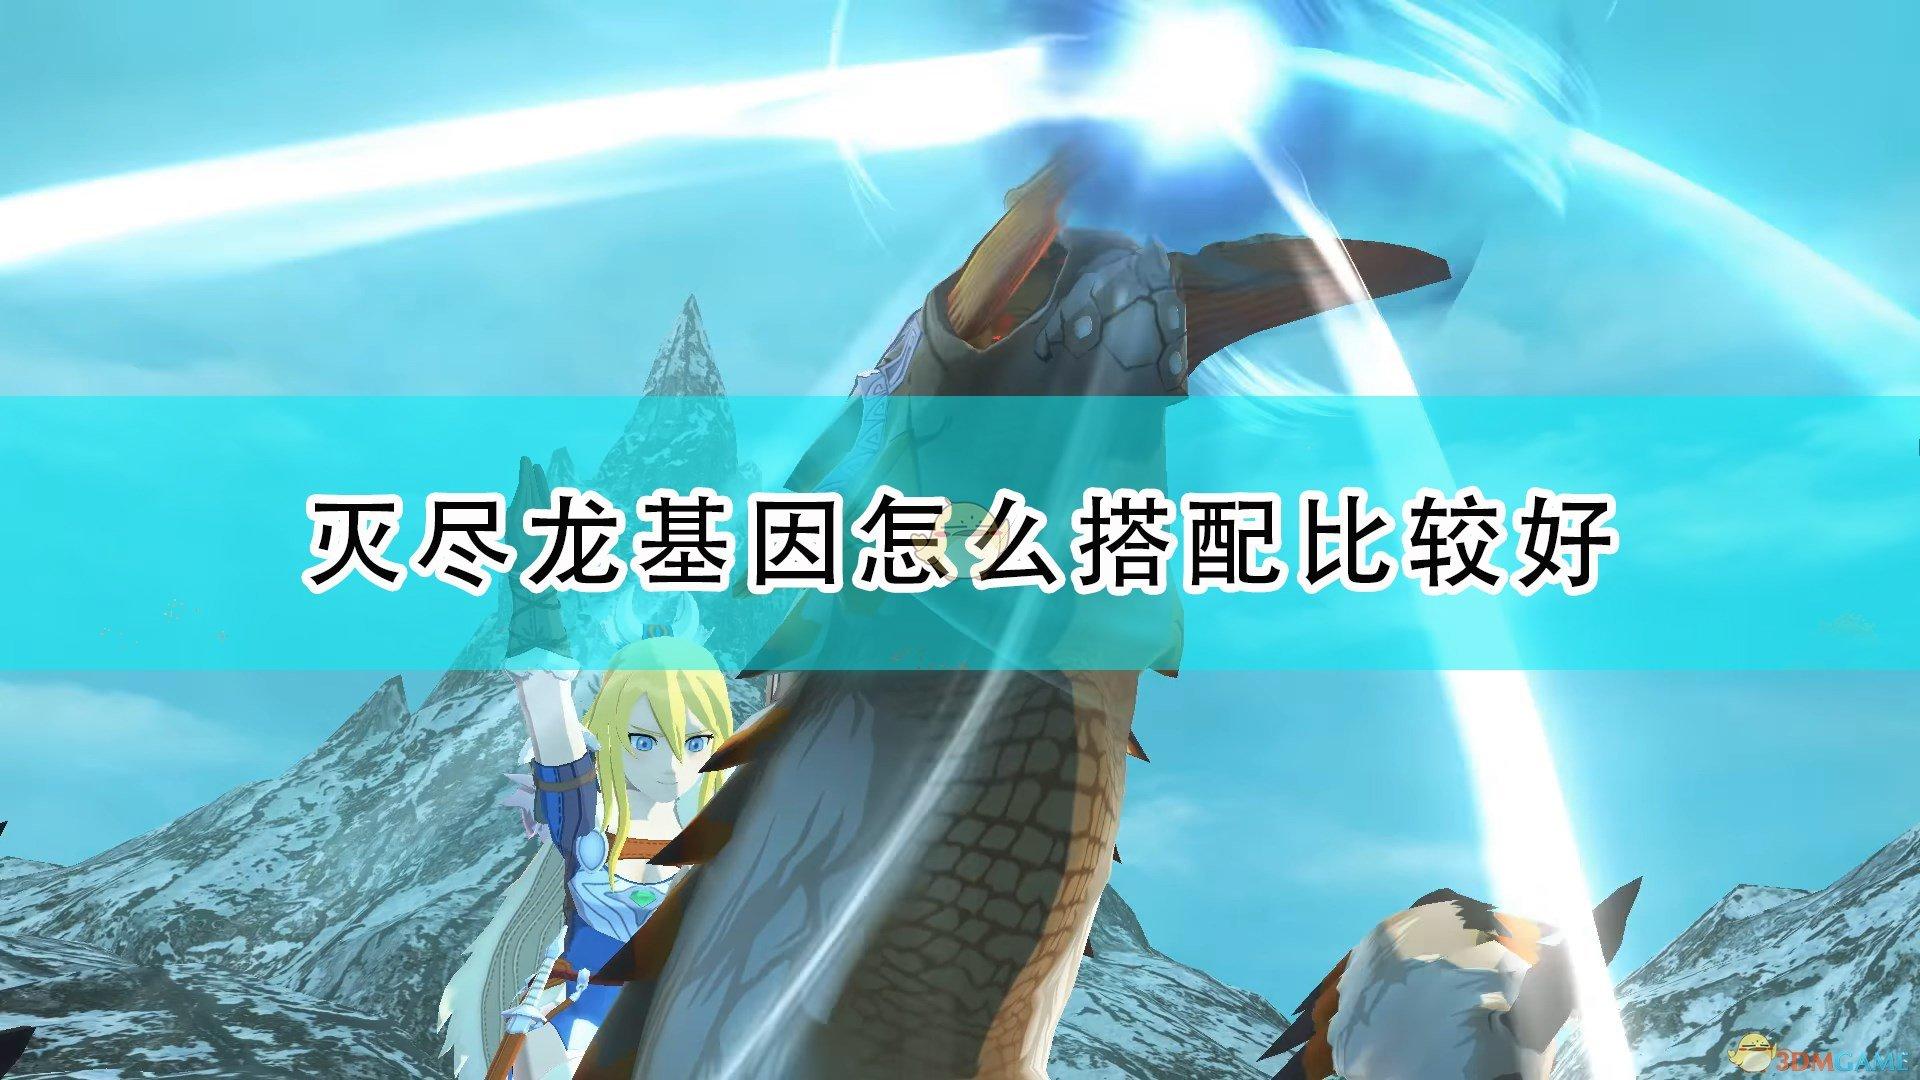 《怪物猎人物语2:毁灭之翼》灭尽龙实用基因推荐